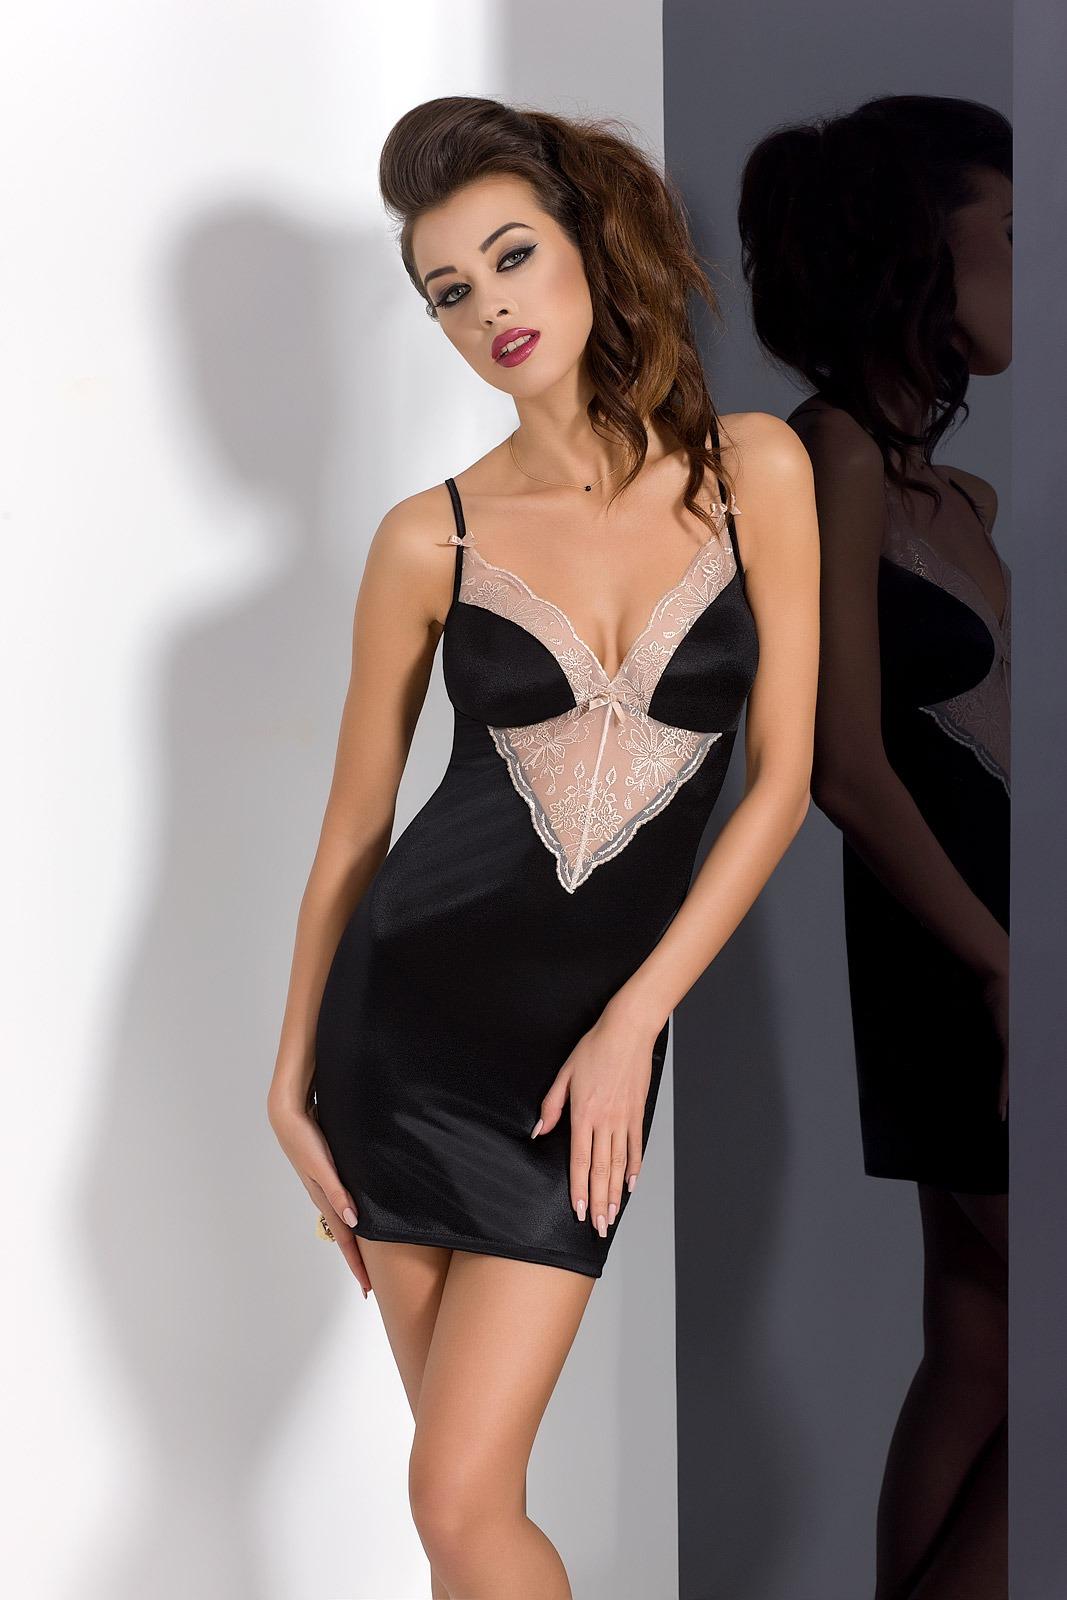 Женская ночная сорочка Passion LOTUS CHEMISE, черная, XXL/XXXL